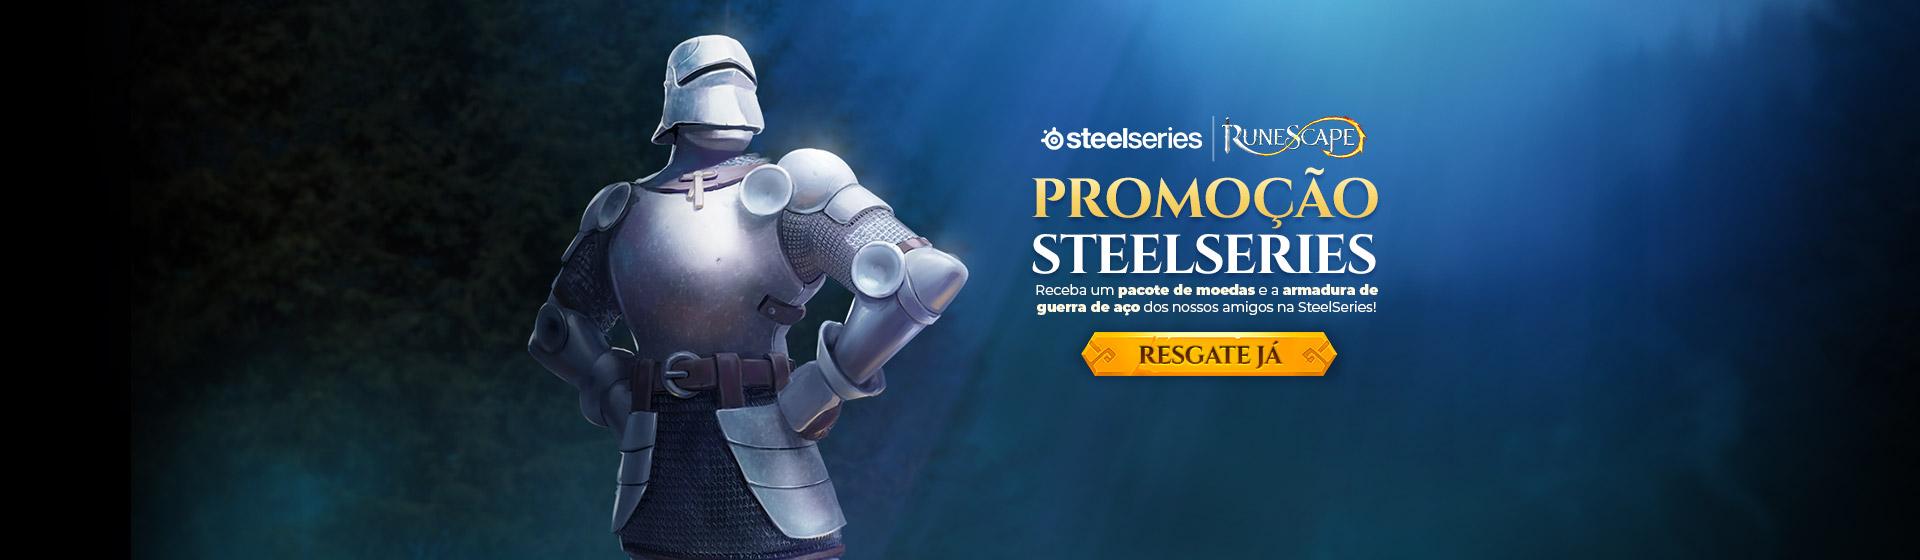 Parceria Steelseries